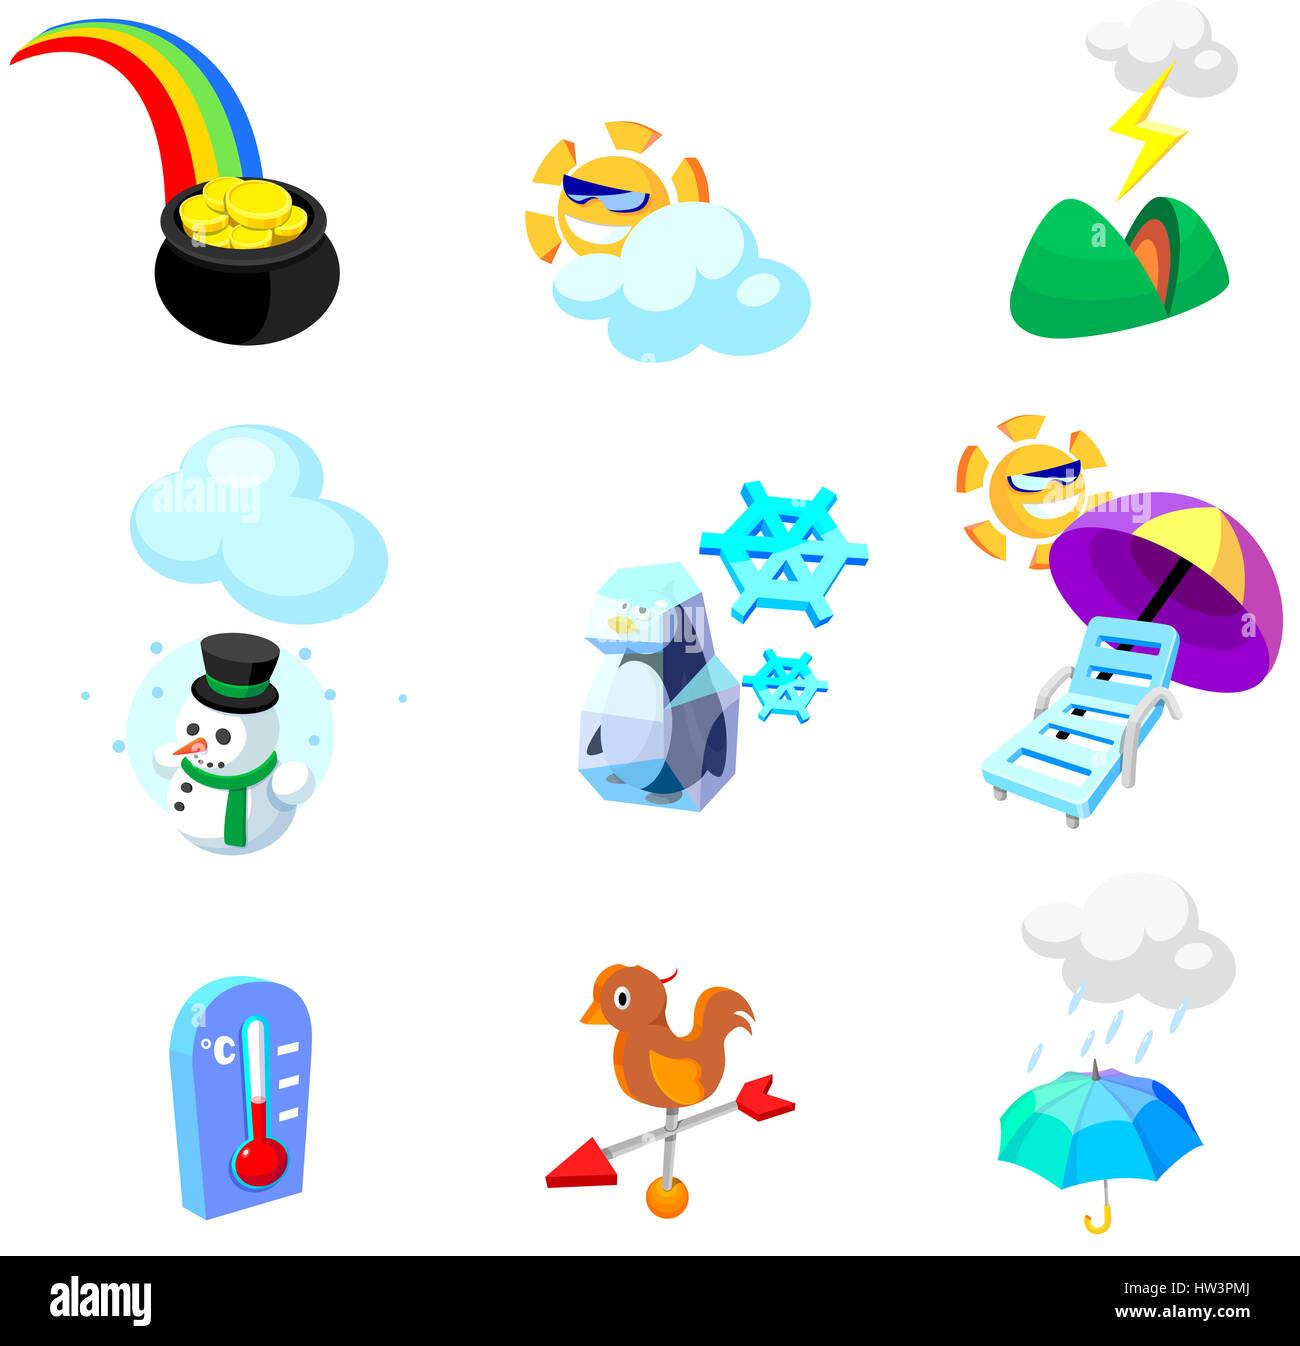 Pfeil, Sonnenschirm, Clipart, Nahaufnahme, Cloud, Farbe, Farbe ...